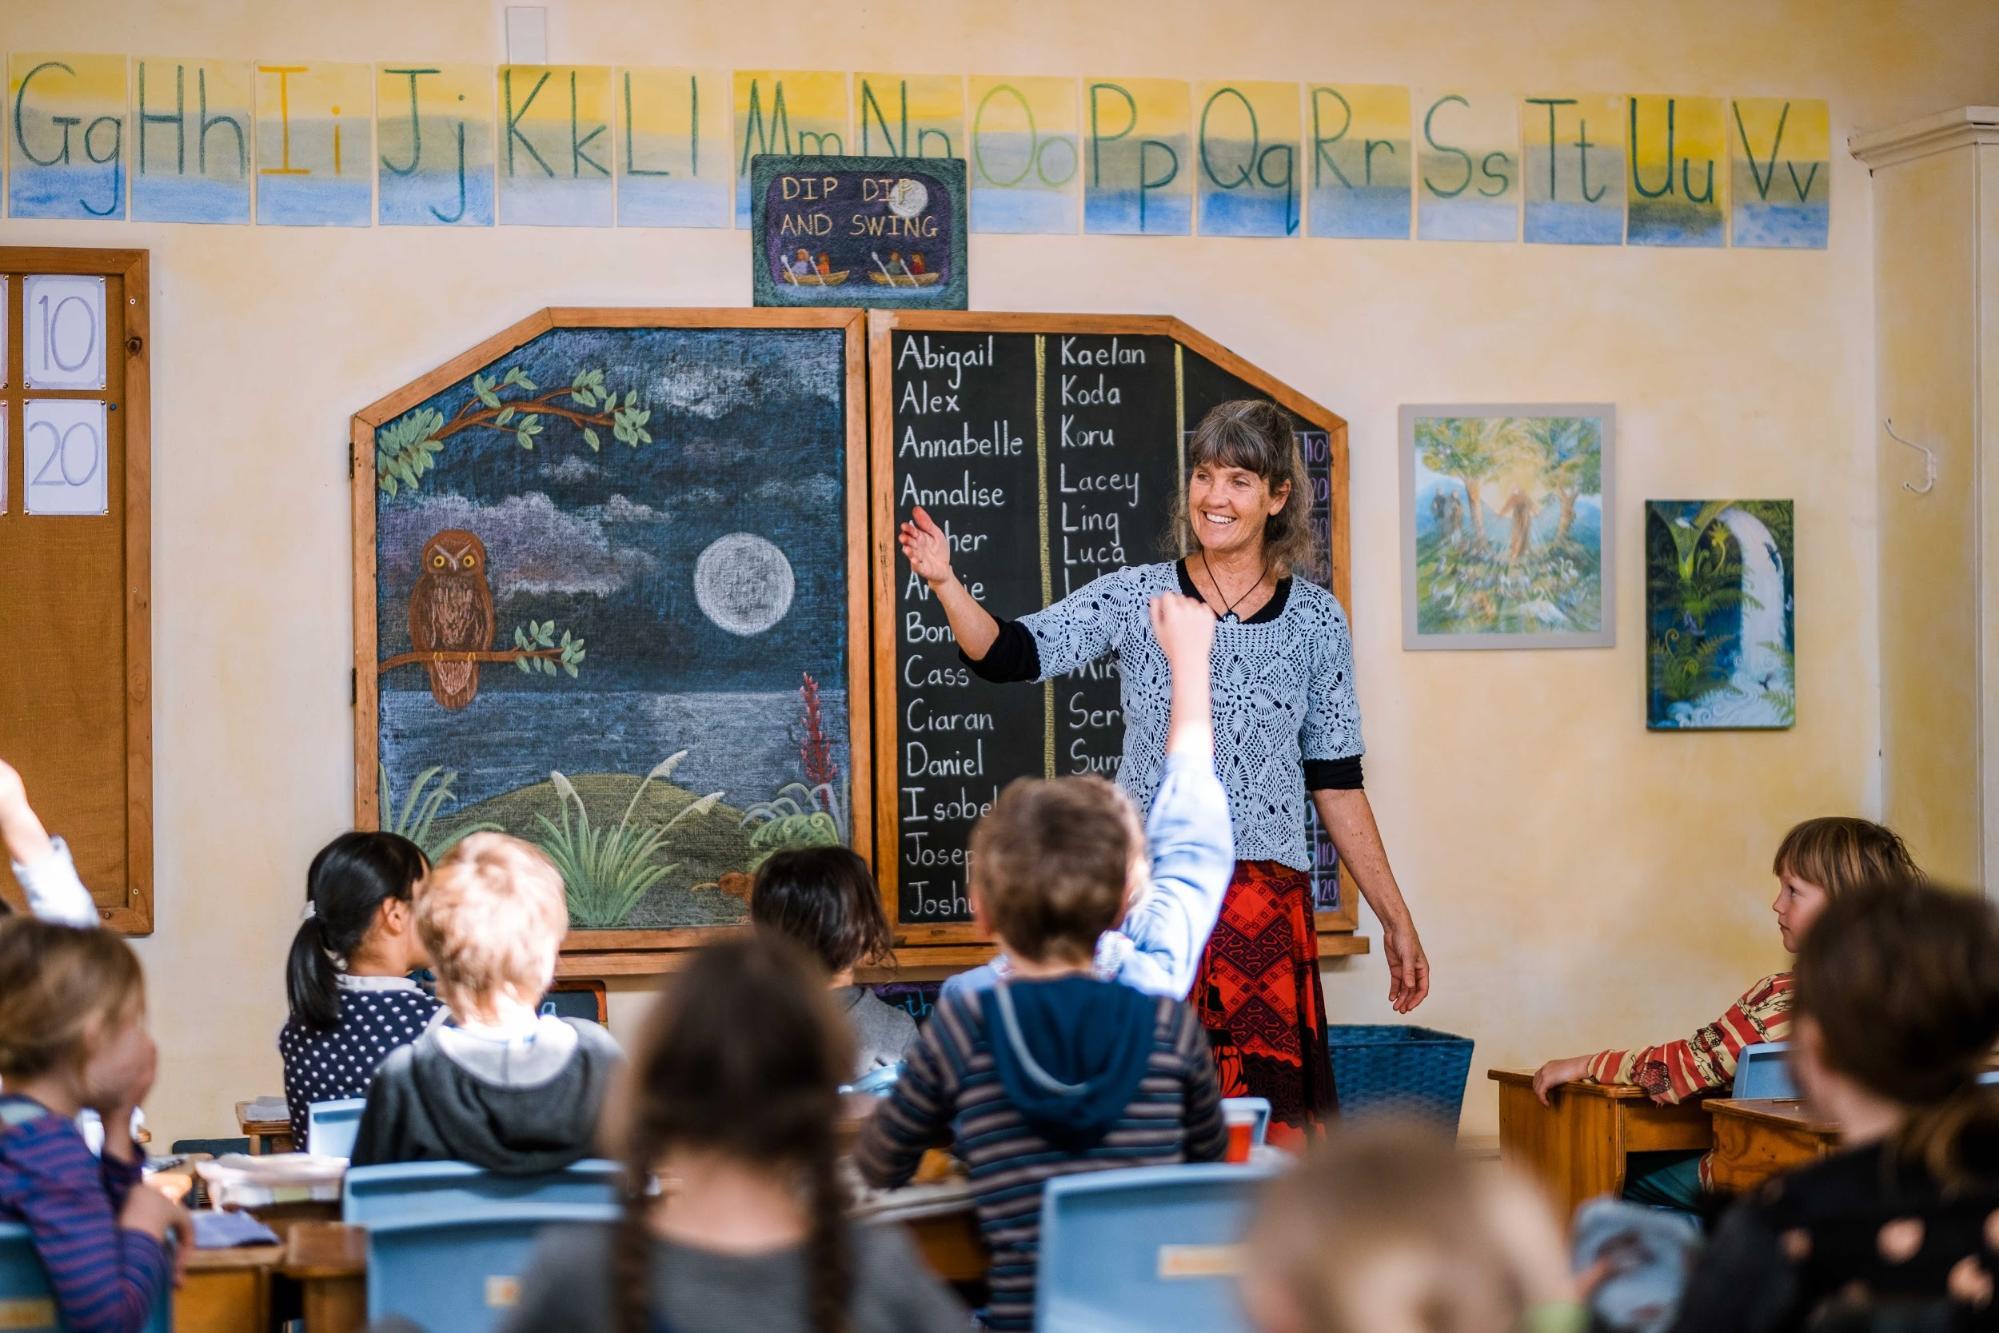 Teacher and children in Steiner school classroom